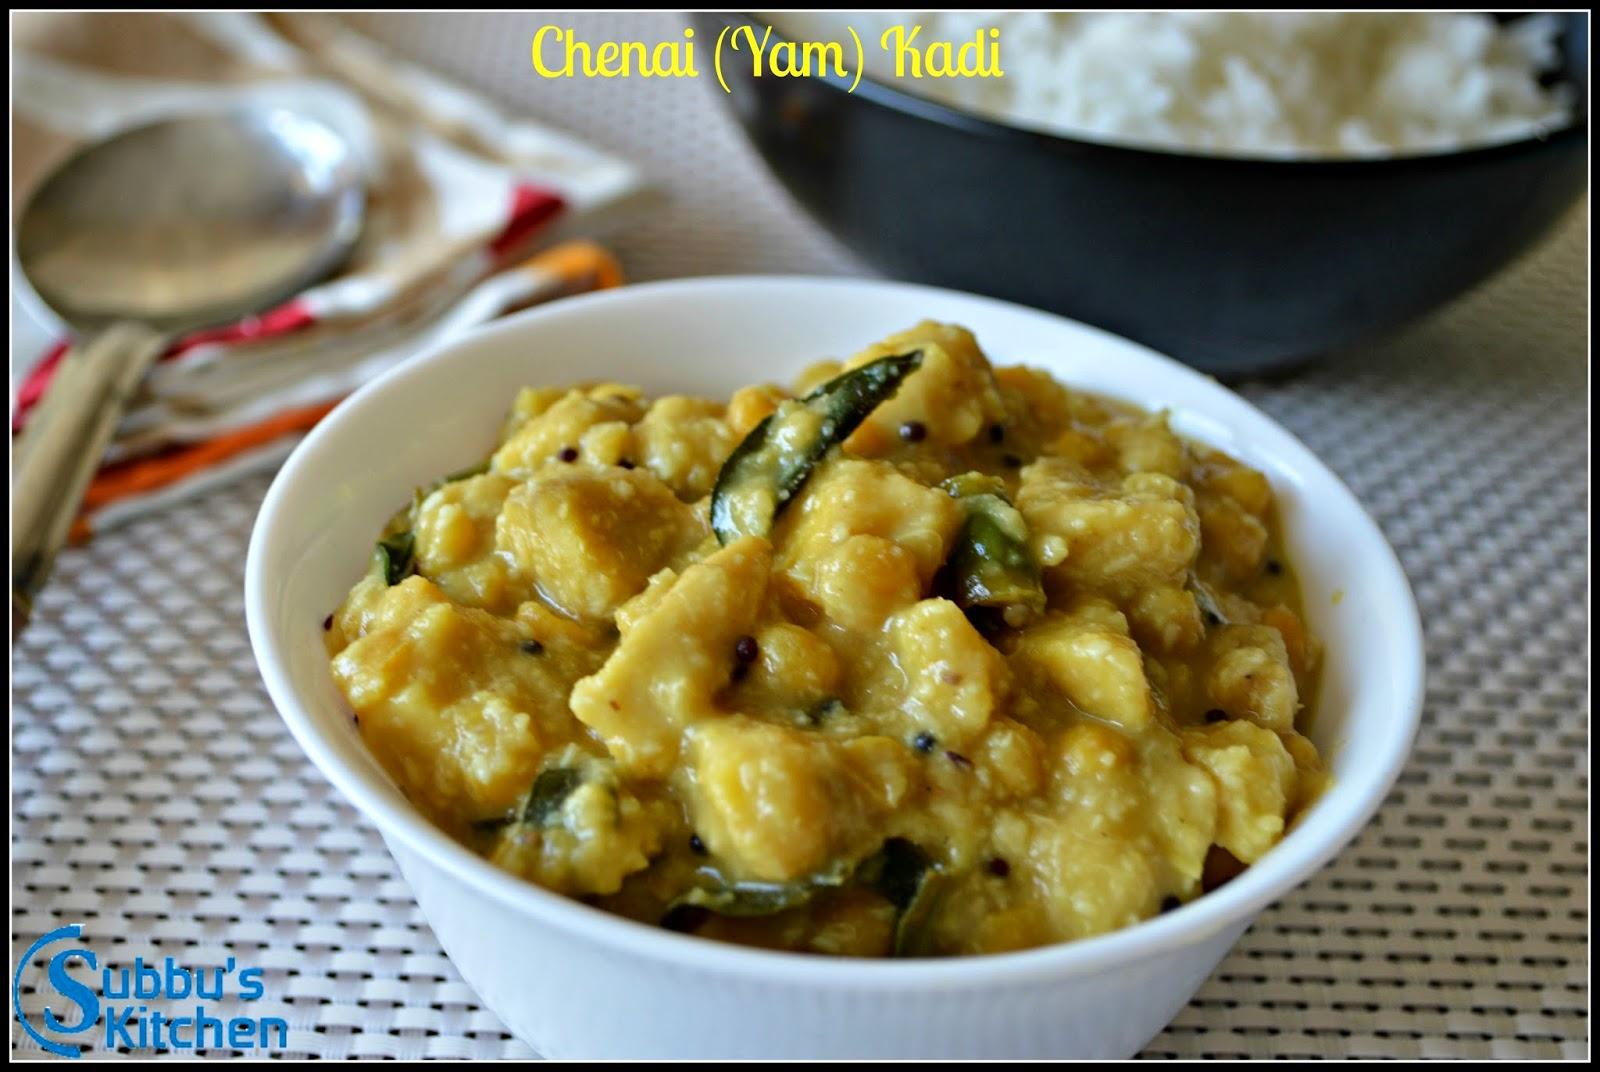 Chenai (Yam) Kadi